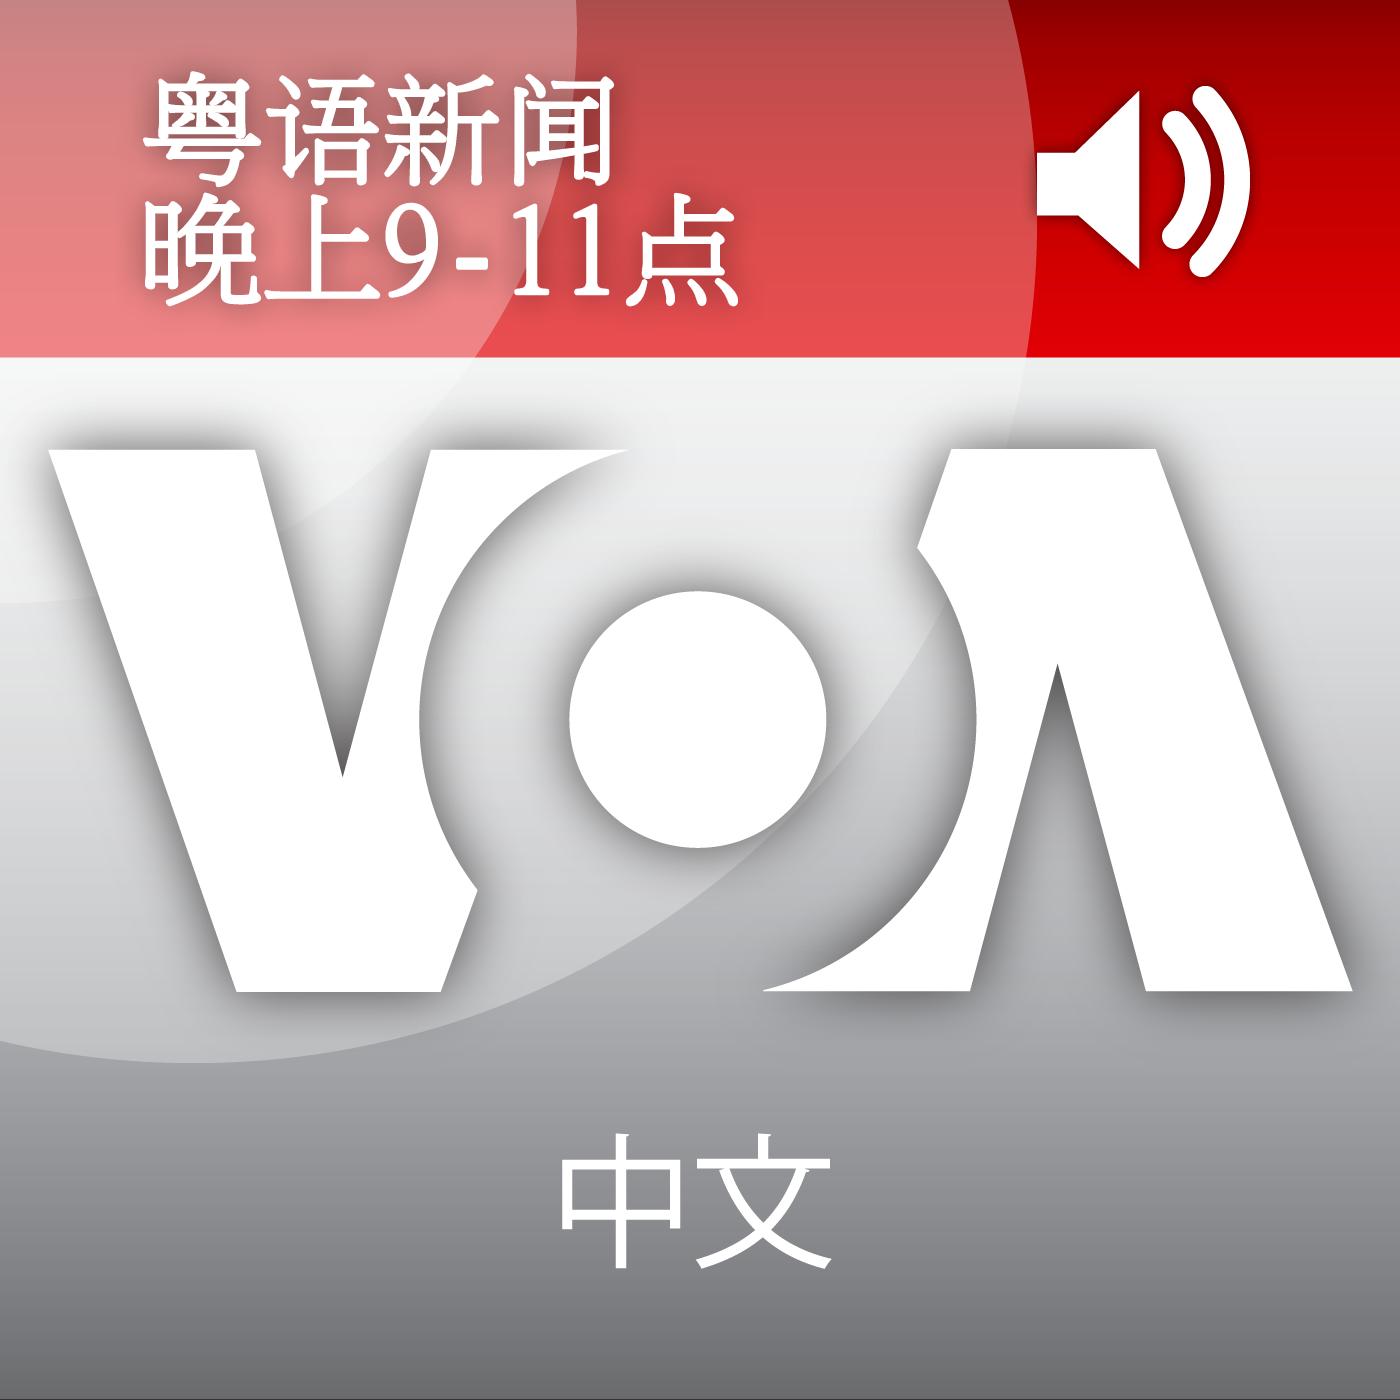 粵語廣播 - 美國之音